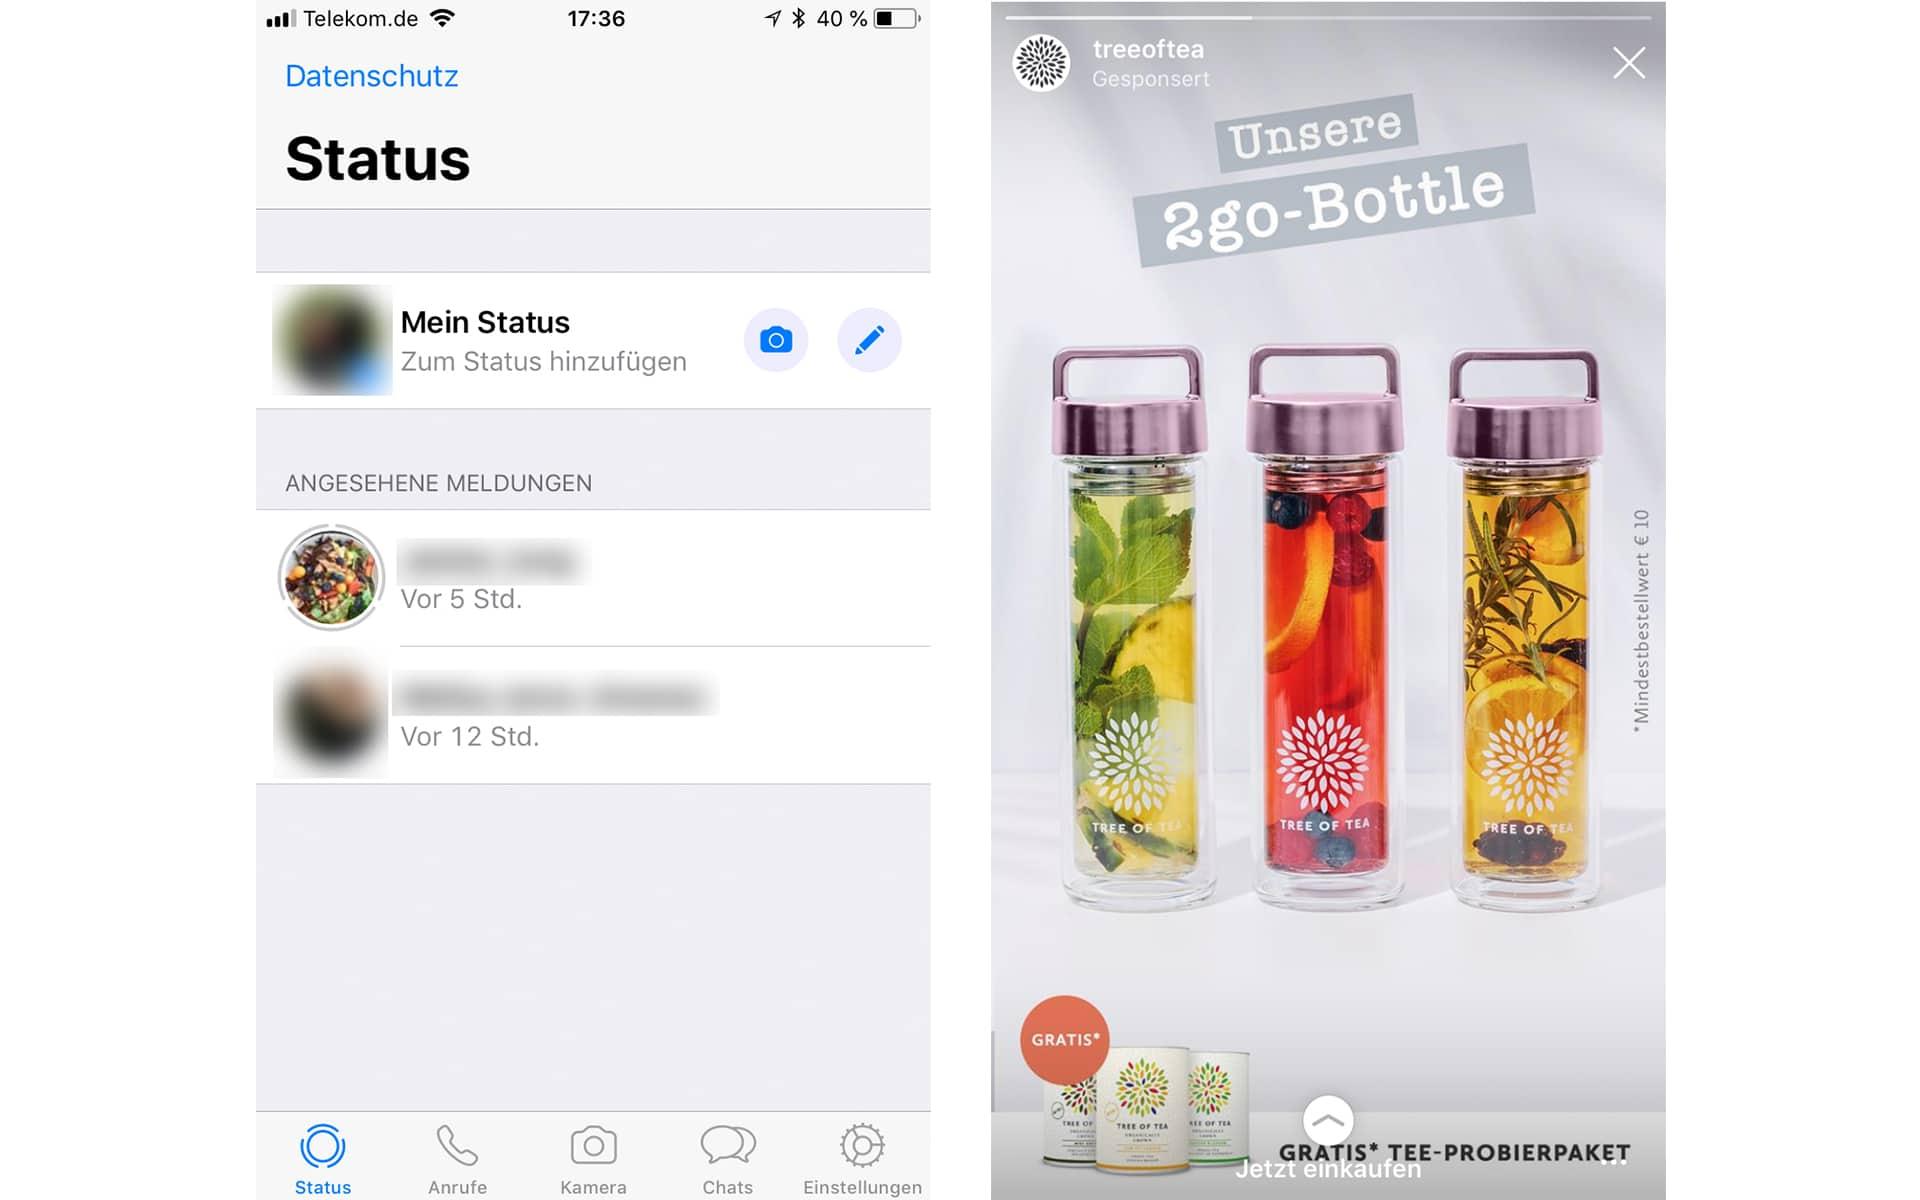 Zeit Zu Wechseln Whatsapp Führt 2019 Werbung Ein Windowsunited